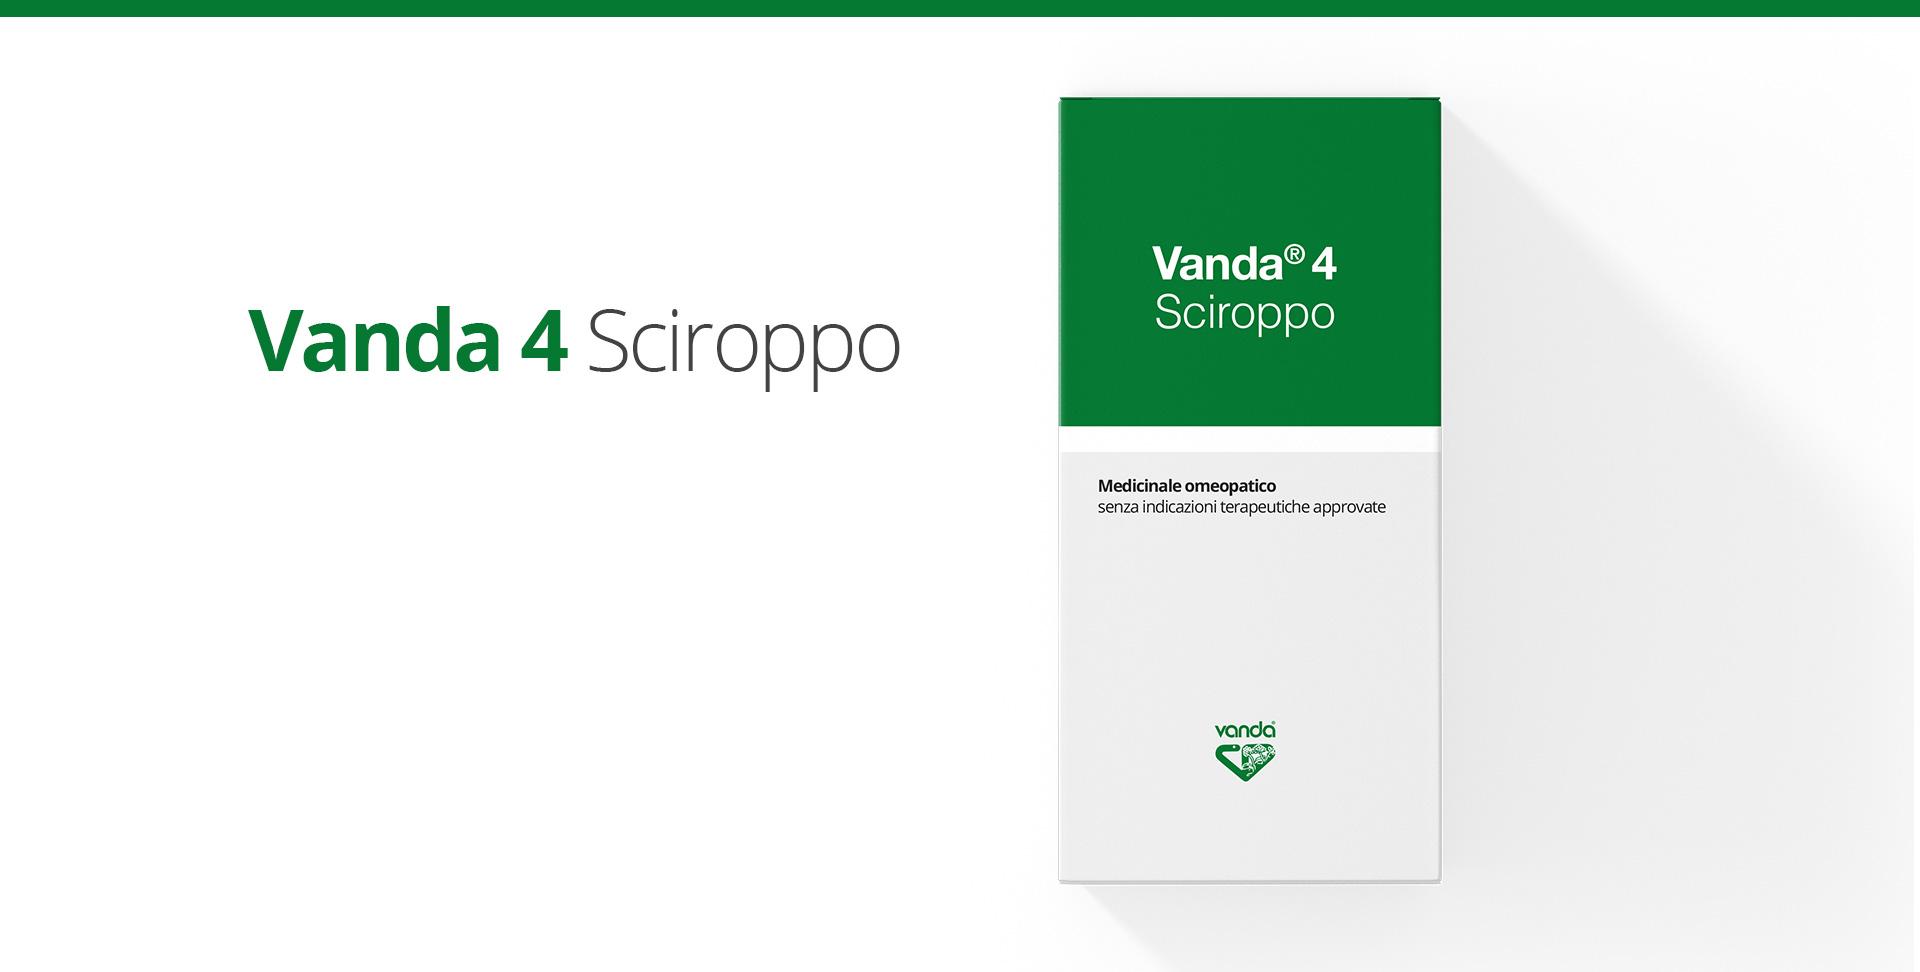 VANDA 4 SCIROPPO